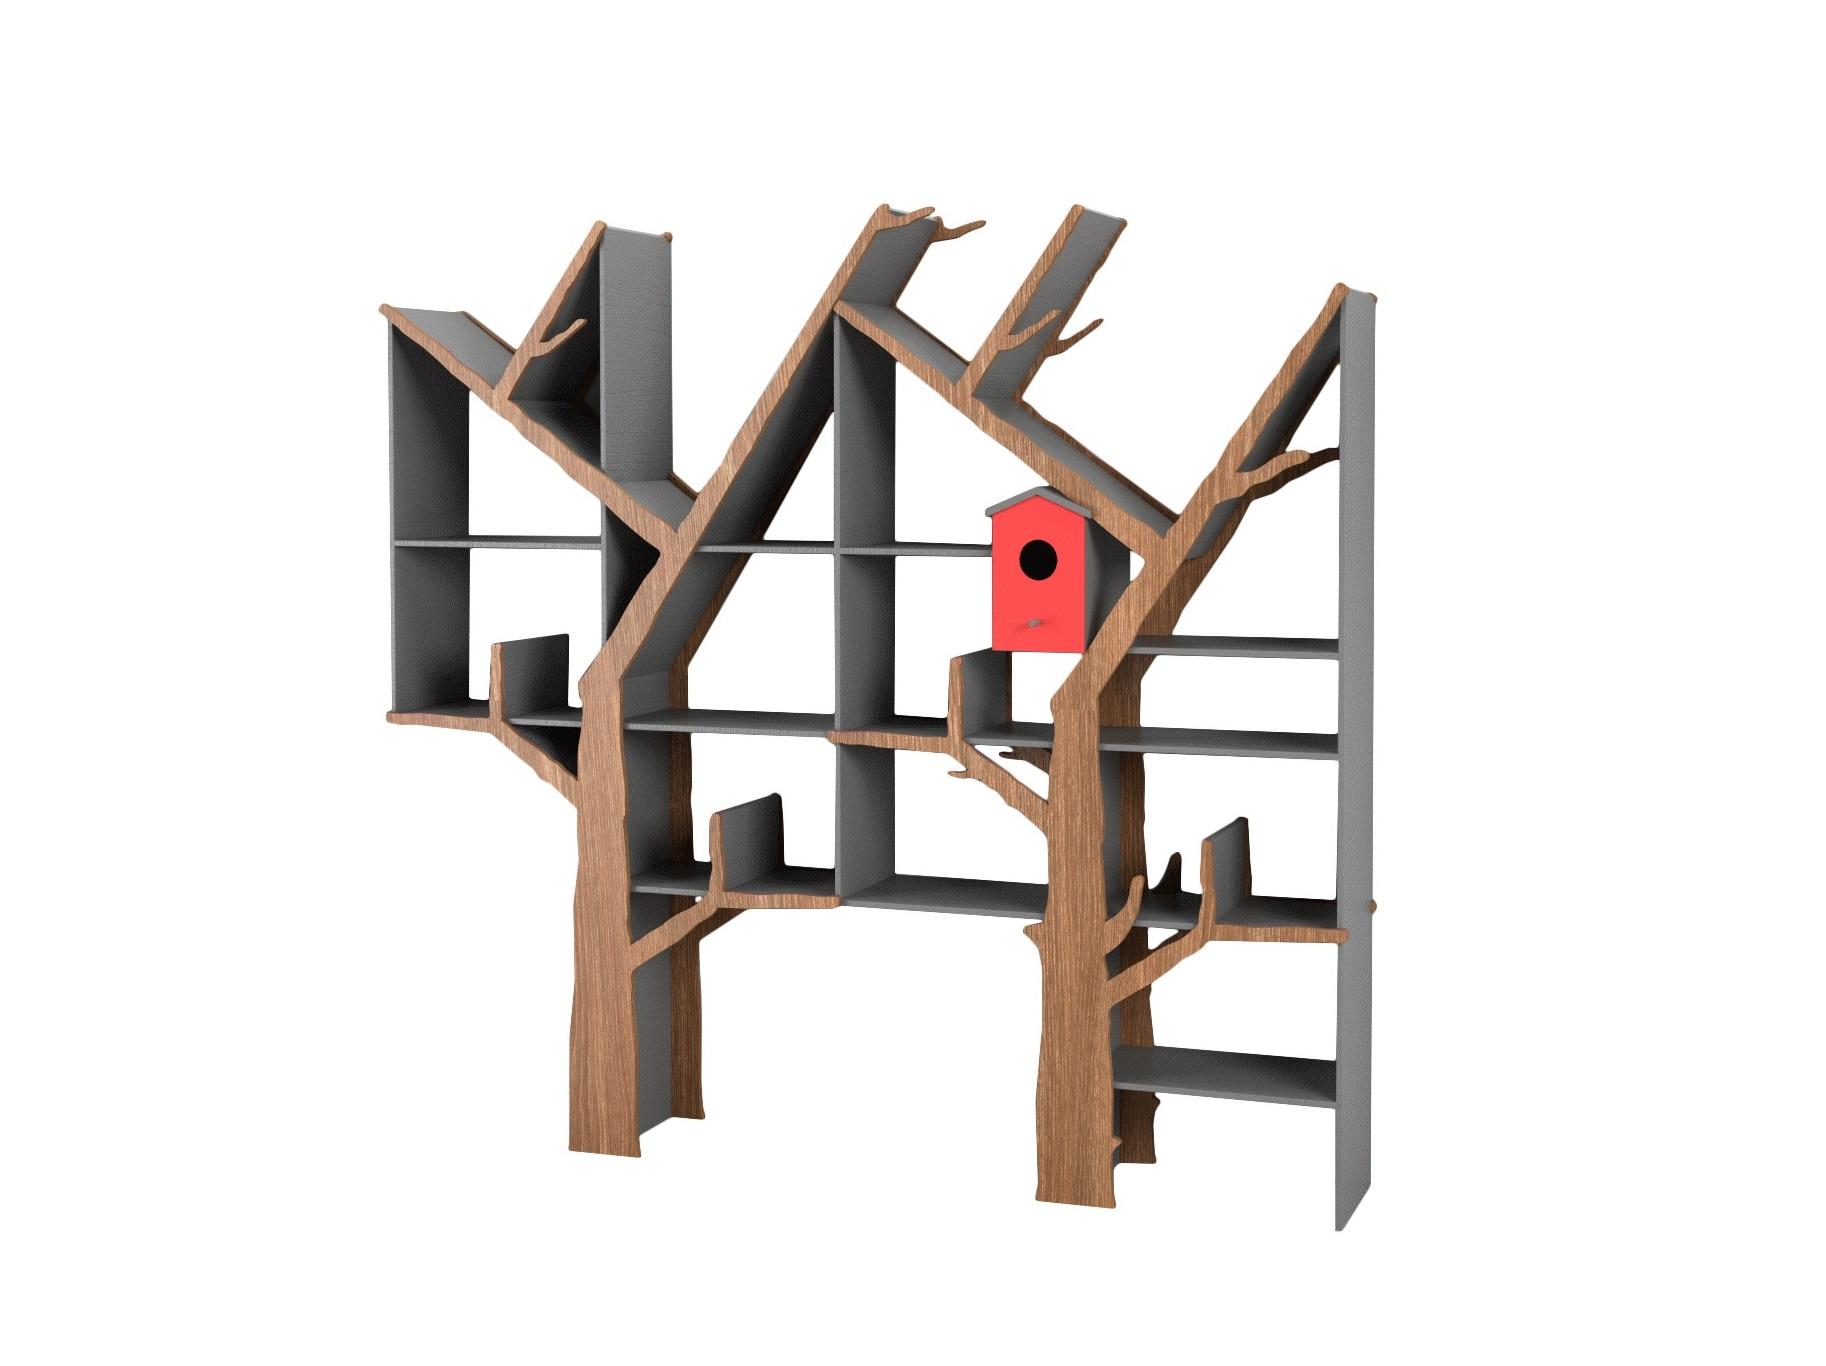 Стеллаж Дерево двойноеСтеллажи и этажерки<br>Креативный двойной стеллаж очень функционален и отлично подойдет для детской или прихожей!&amp;amp;nbsp;&amp;lt;div&amp;gt;&amp;lt;br&amp;gt;&amp;lt;/div&amp;gt;&amp;lt;div&amp;gt;Материал: МДФ, шпон&amp;amp;nbsp;&amp;lt;/div&amp;gt;<br><br>Material: МДФ<br>Ширина см: 200<br>Высота см: 200<br>Глубина см: 24